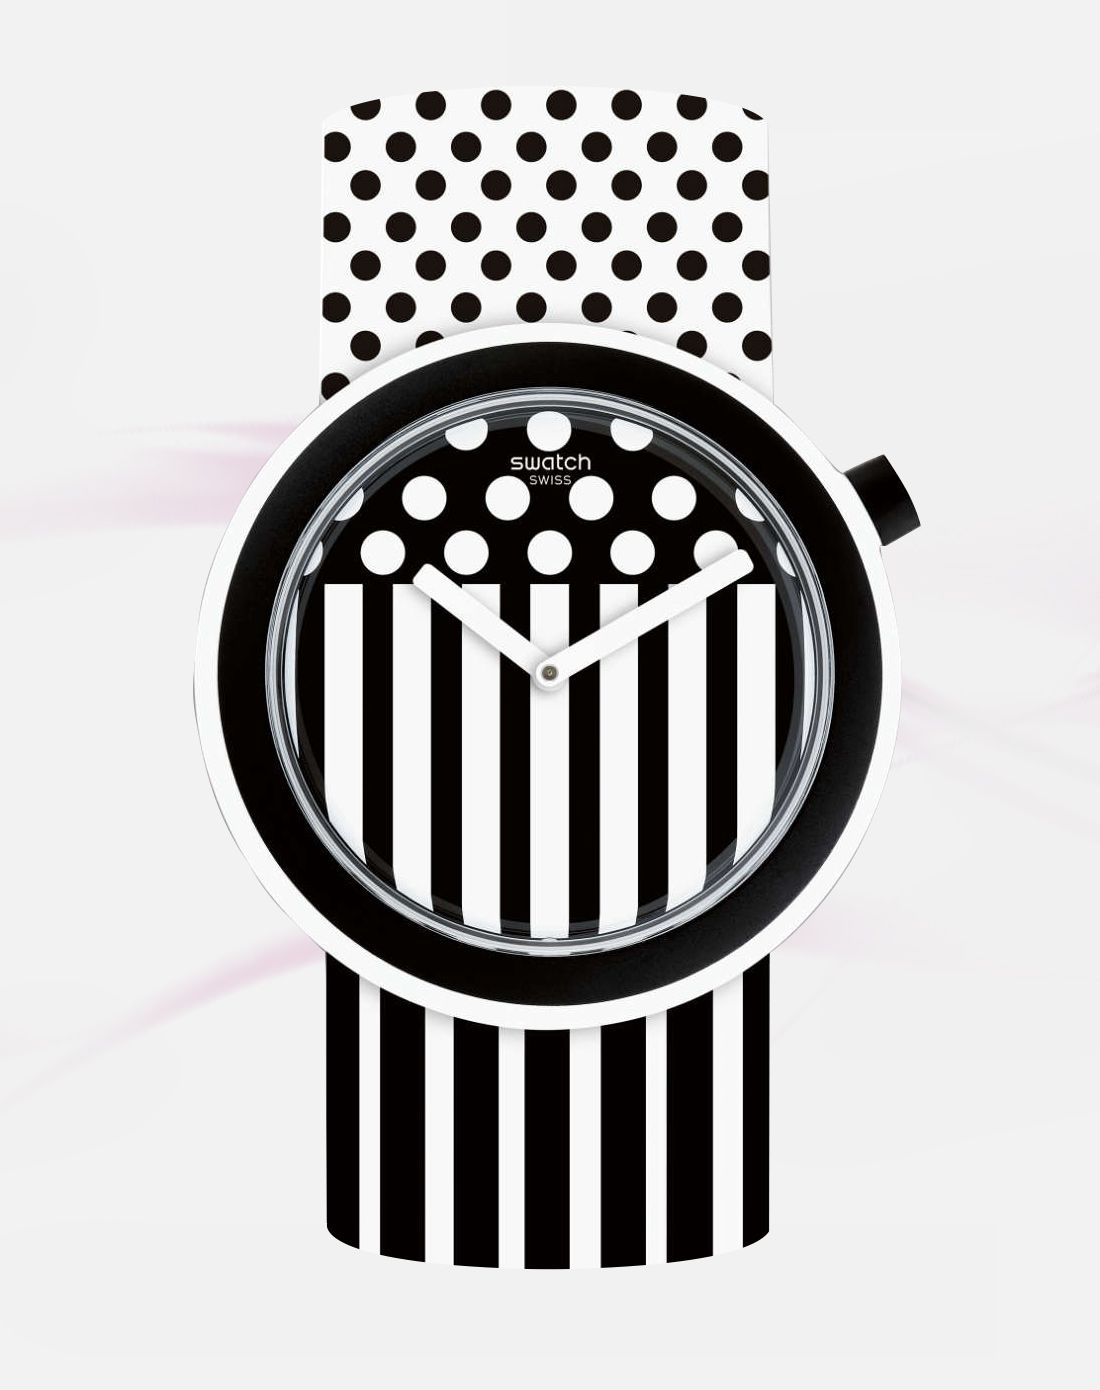 swatch 【新品】pop系列黑白波普设计石英女表